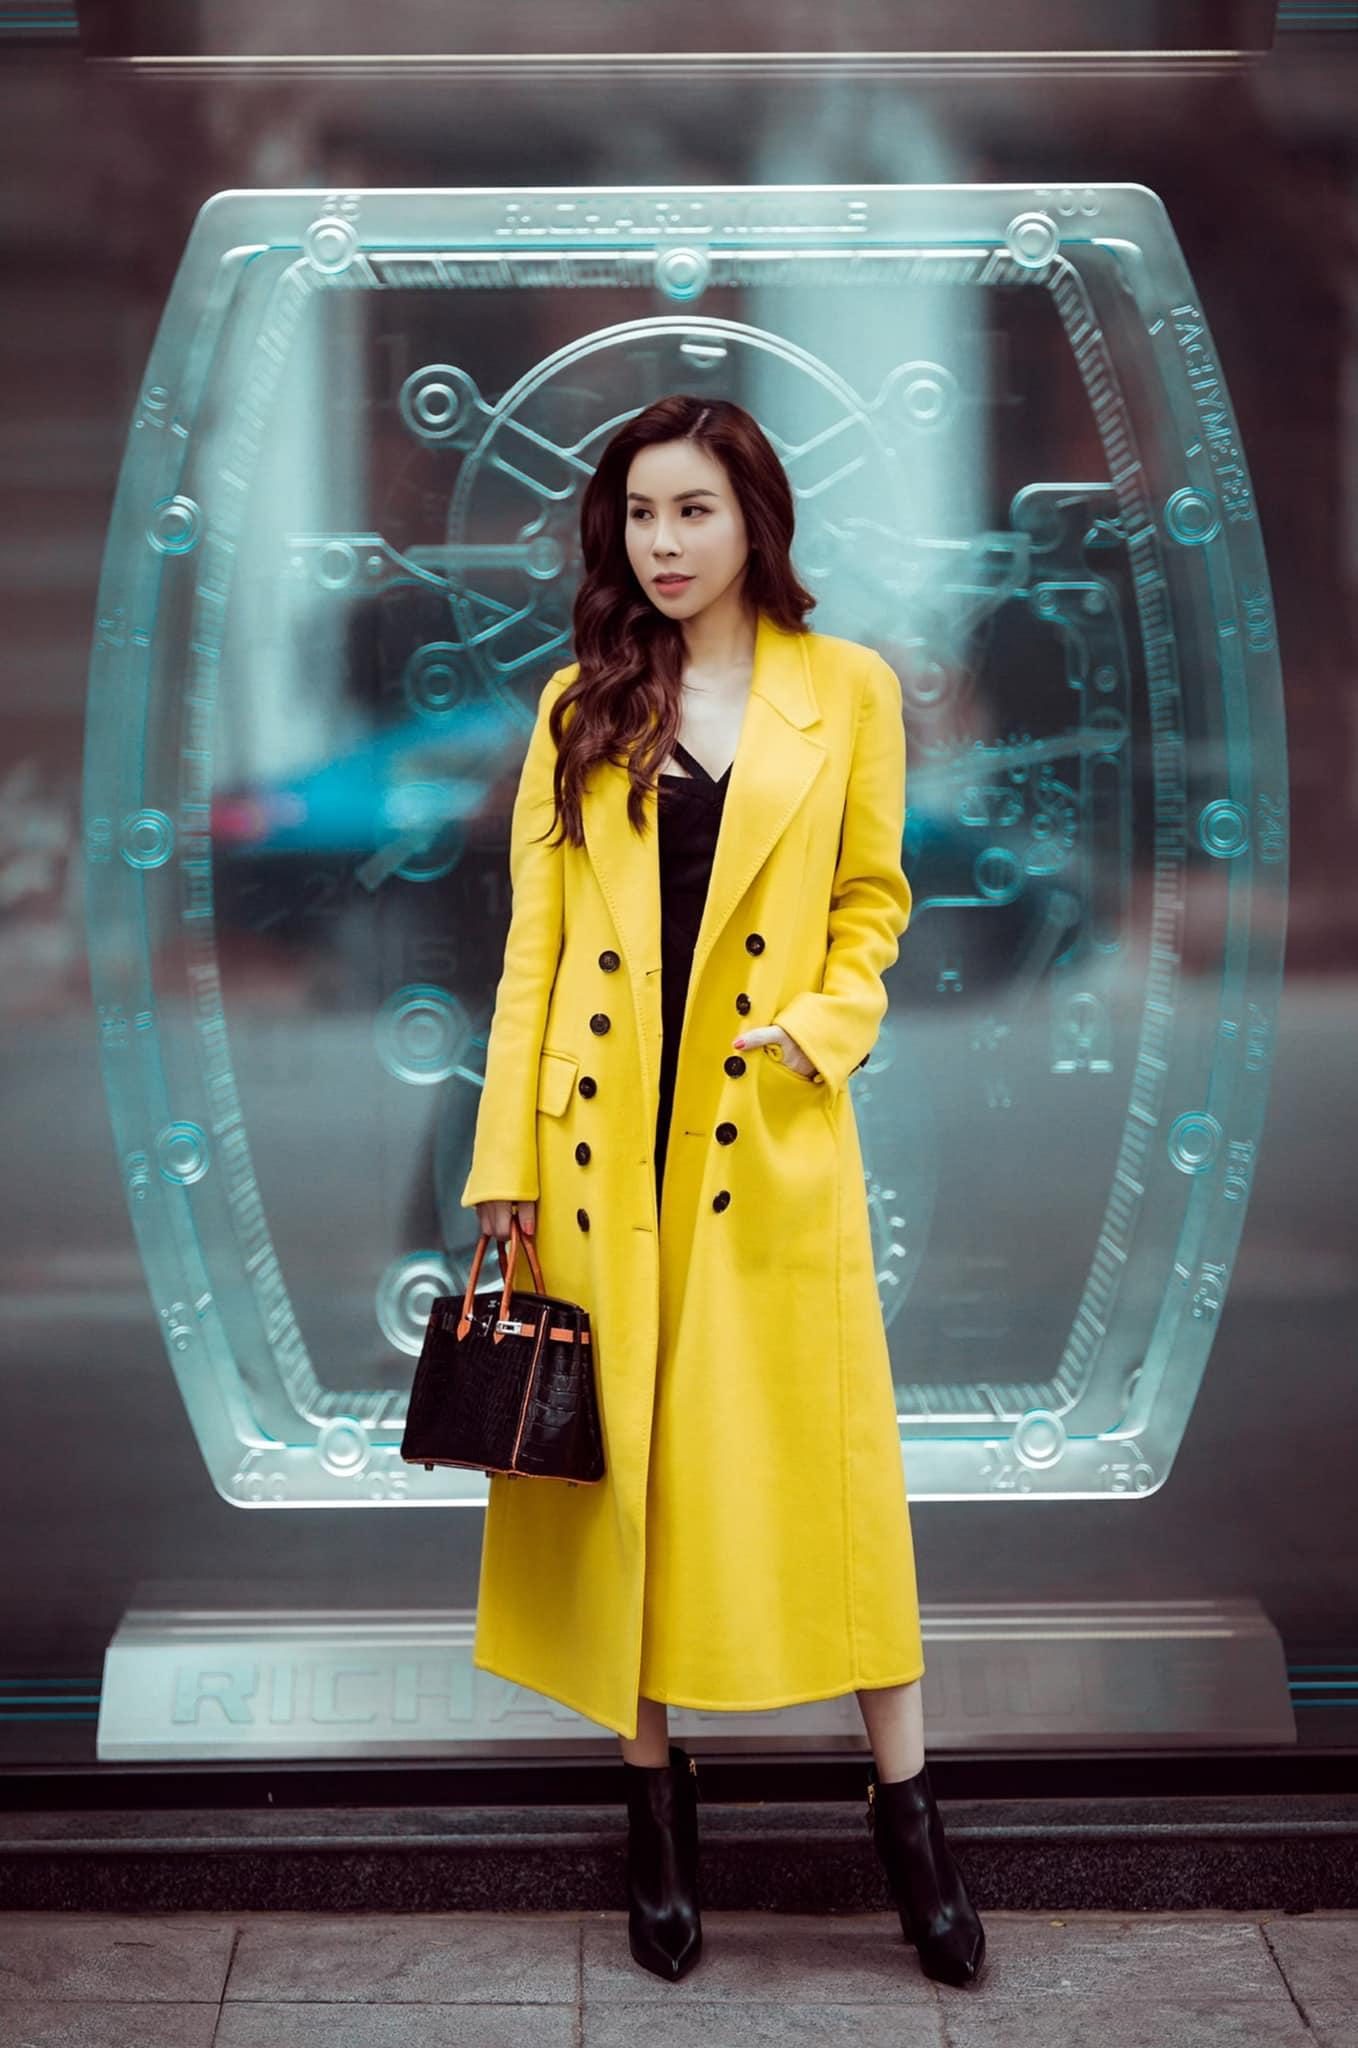 Sành hàng hiệu nhất nhì Vbiz, Hoa hậu Hoàng Dung lên đồ diện Tết với những outfit sang chảnh ngập tràn đồ hiệu - Ảnh 8.